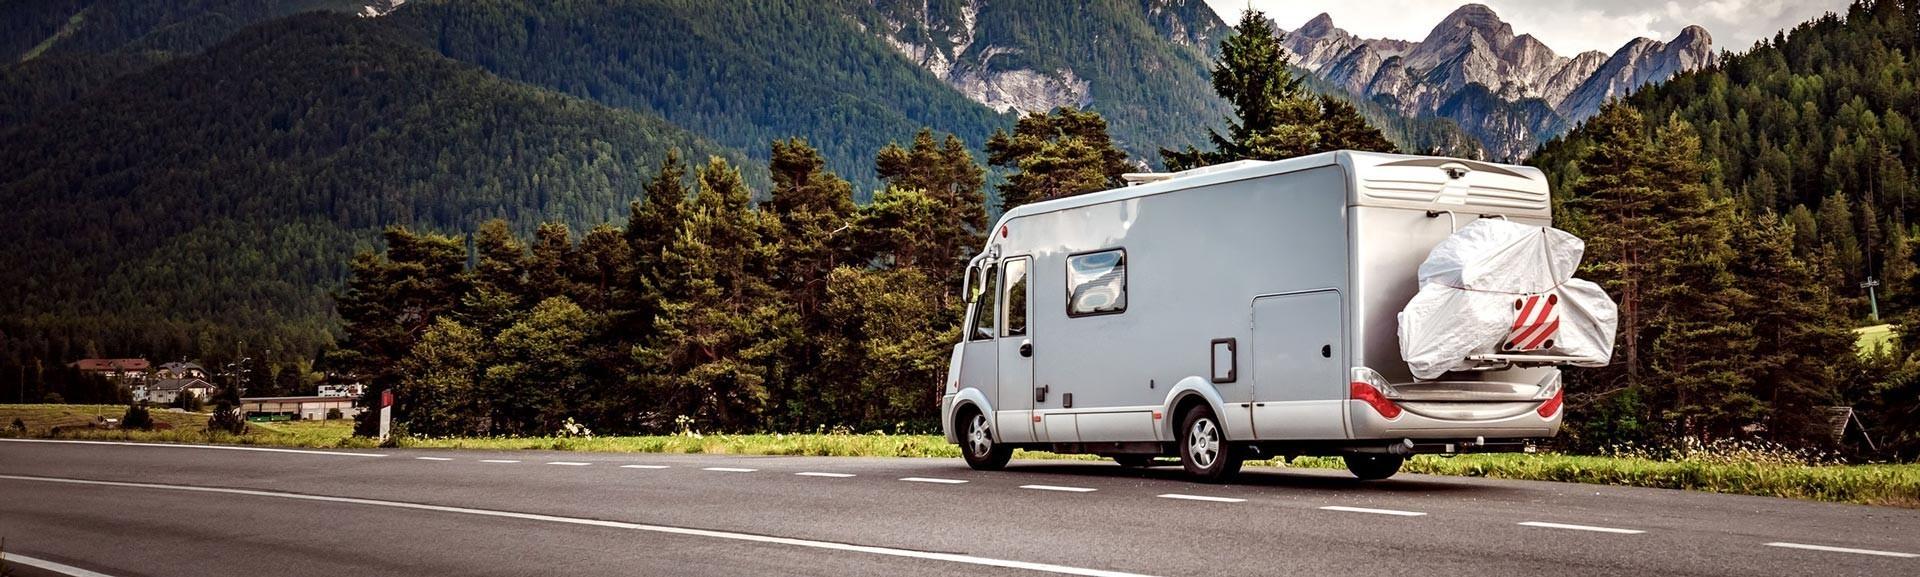 Caravanstore 190–440 (Ver 013/014)